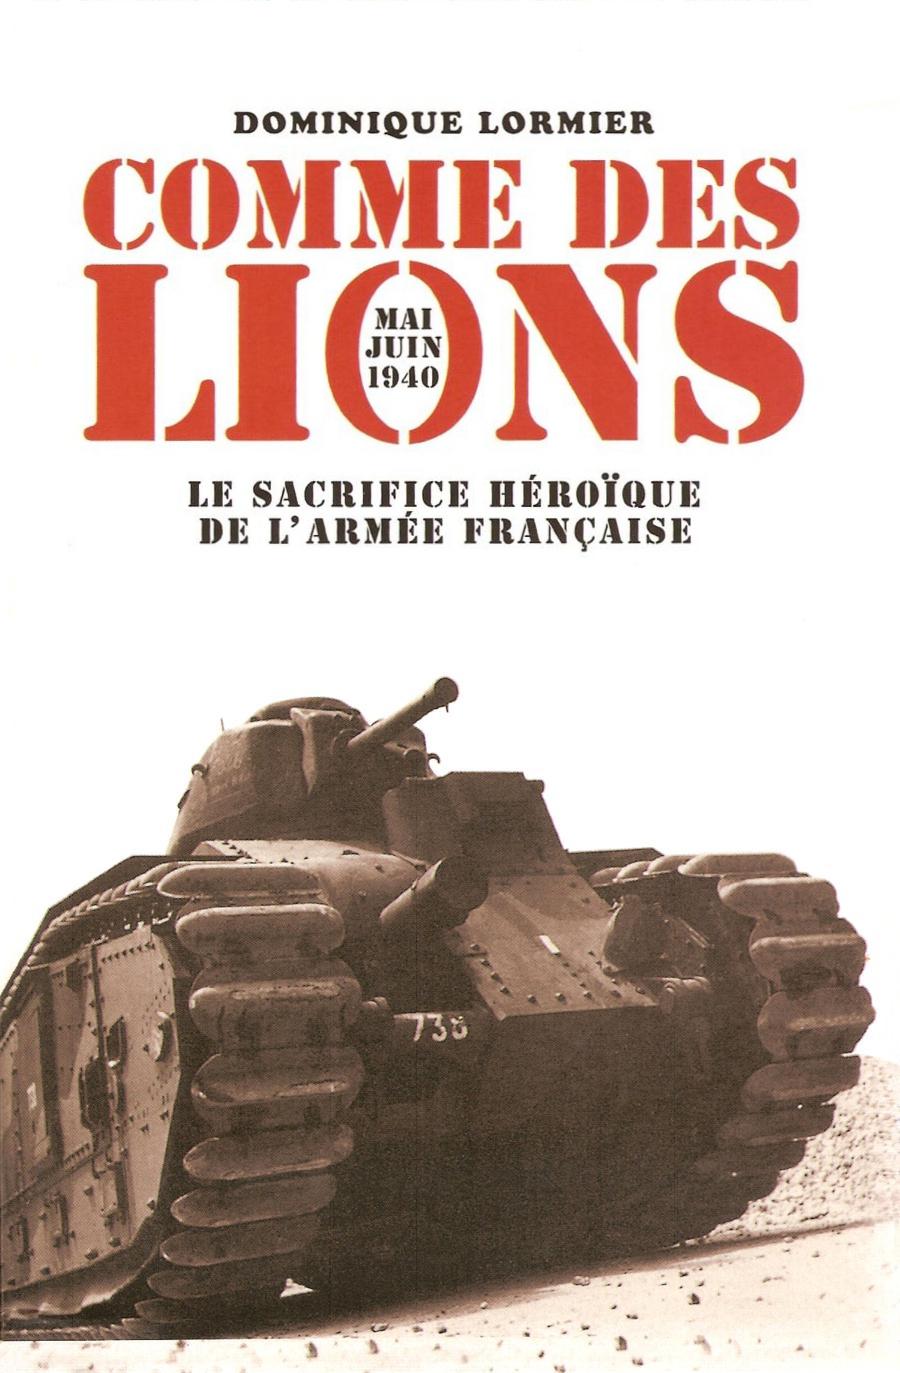 Comme des lions – Le sacrifice héroïque de l'armée française - par Dominique Lormier - Editions Calmann Lévy.